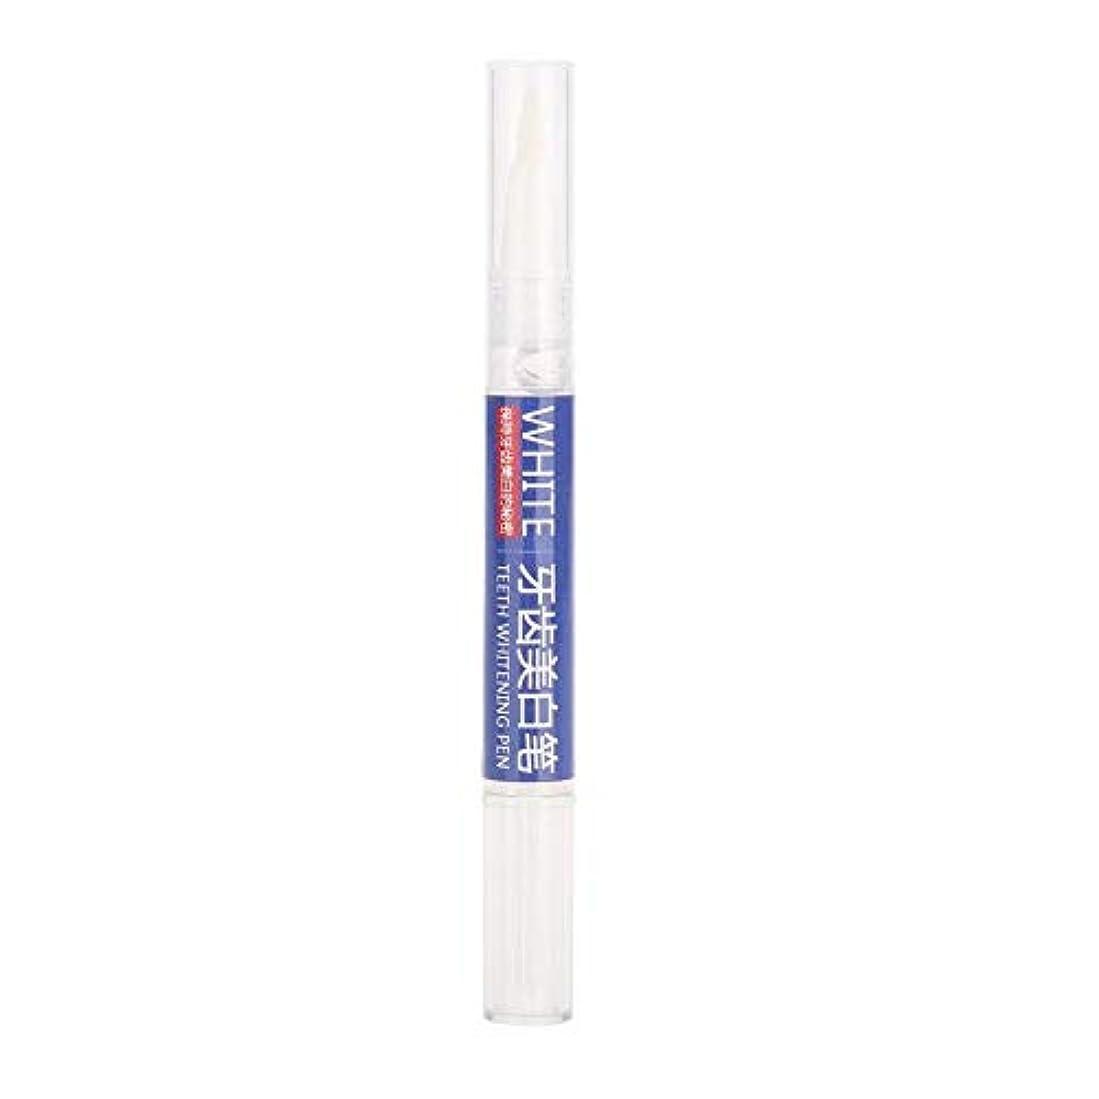 好きである奨学金遠洋のホワイトニングトゥースペン3mlイエロートゥースシガレット汚れ除去ホワイトニングホワイトニングトゥースジェルペン